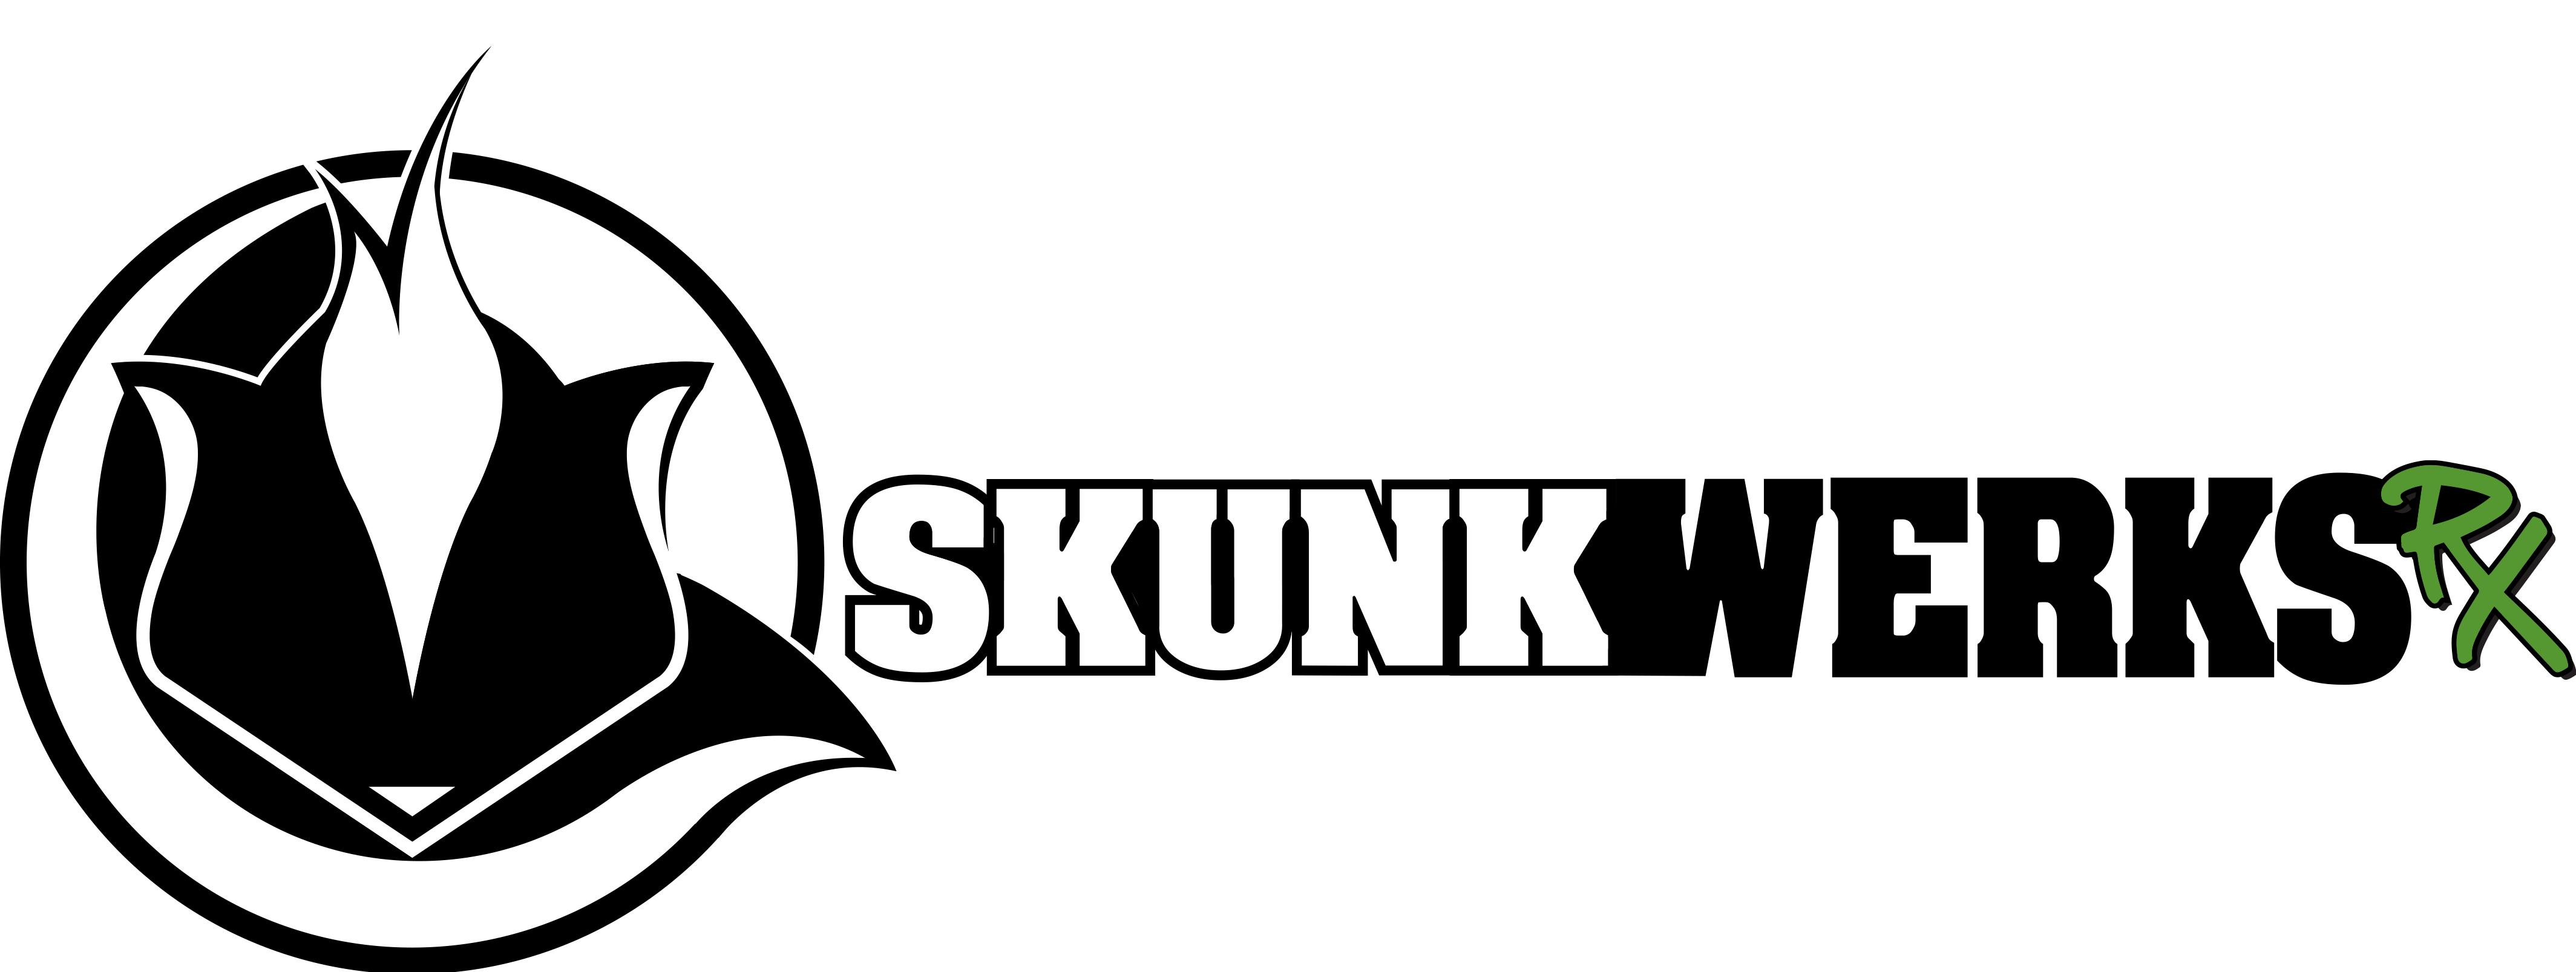 Skunkwerks Rx